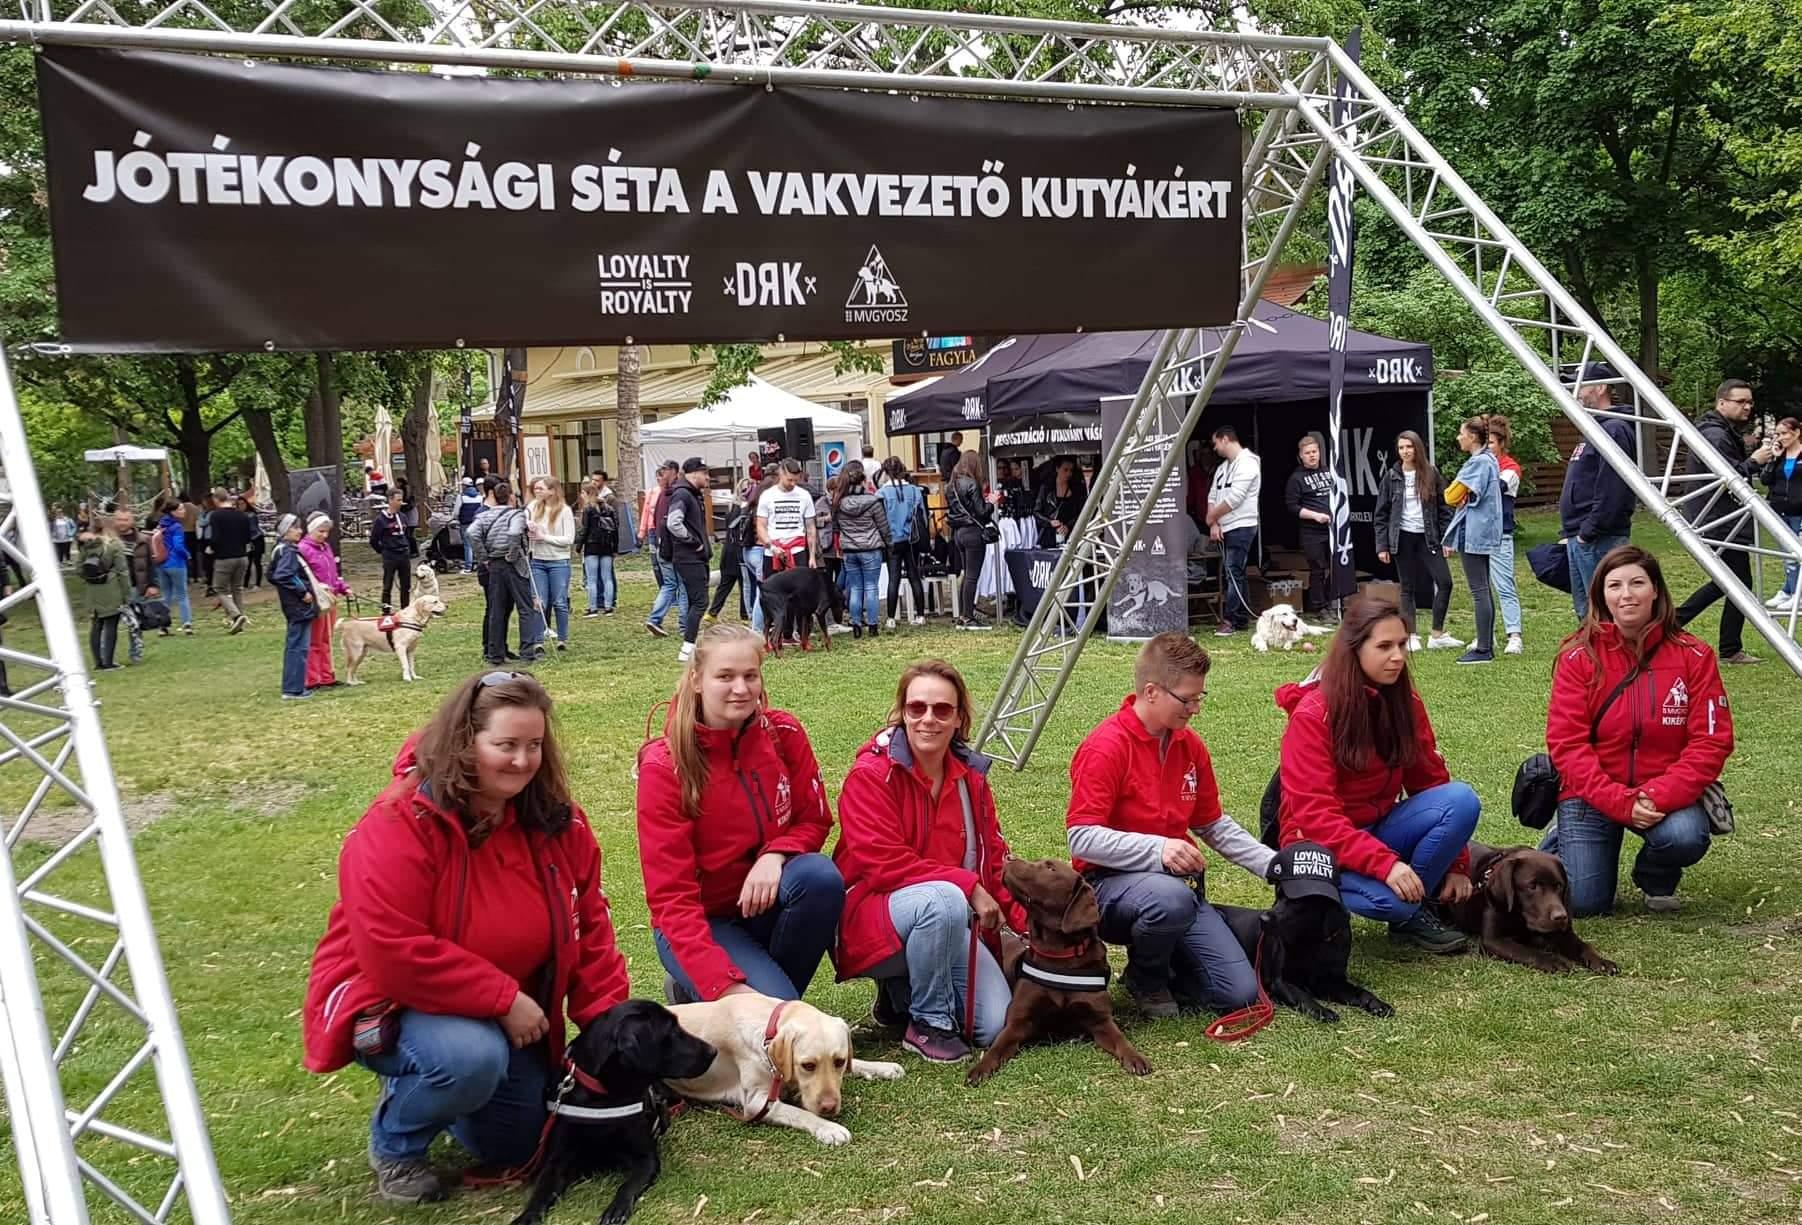 Kiképzők gugolnak kutyáikkal egy kifeszített molinó alatt, melyen a jótékonysági séta felirat olvasható